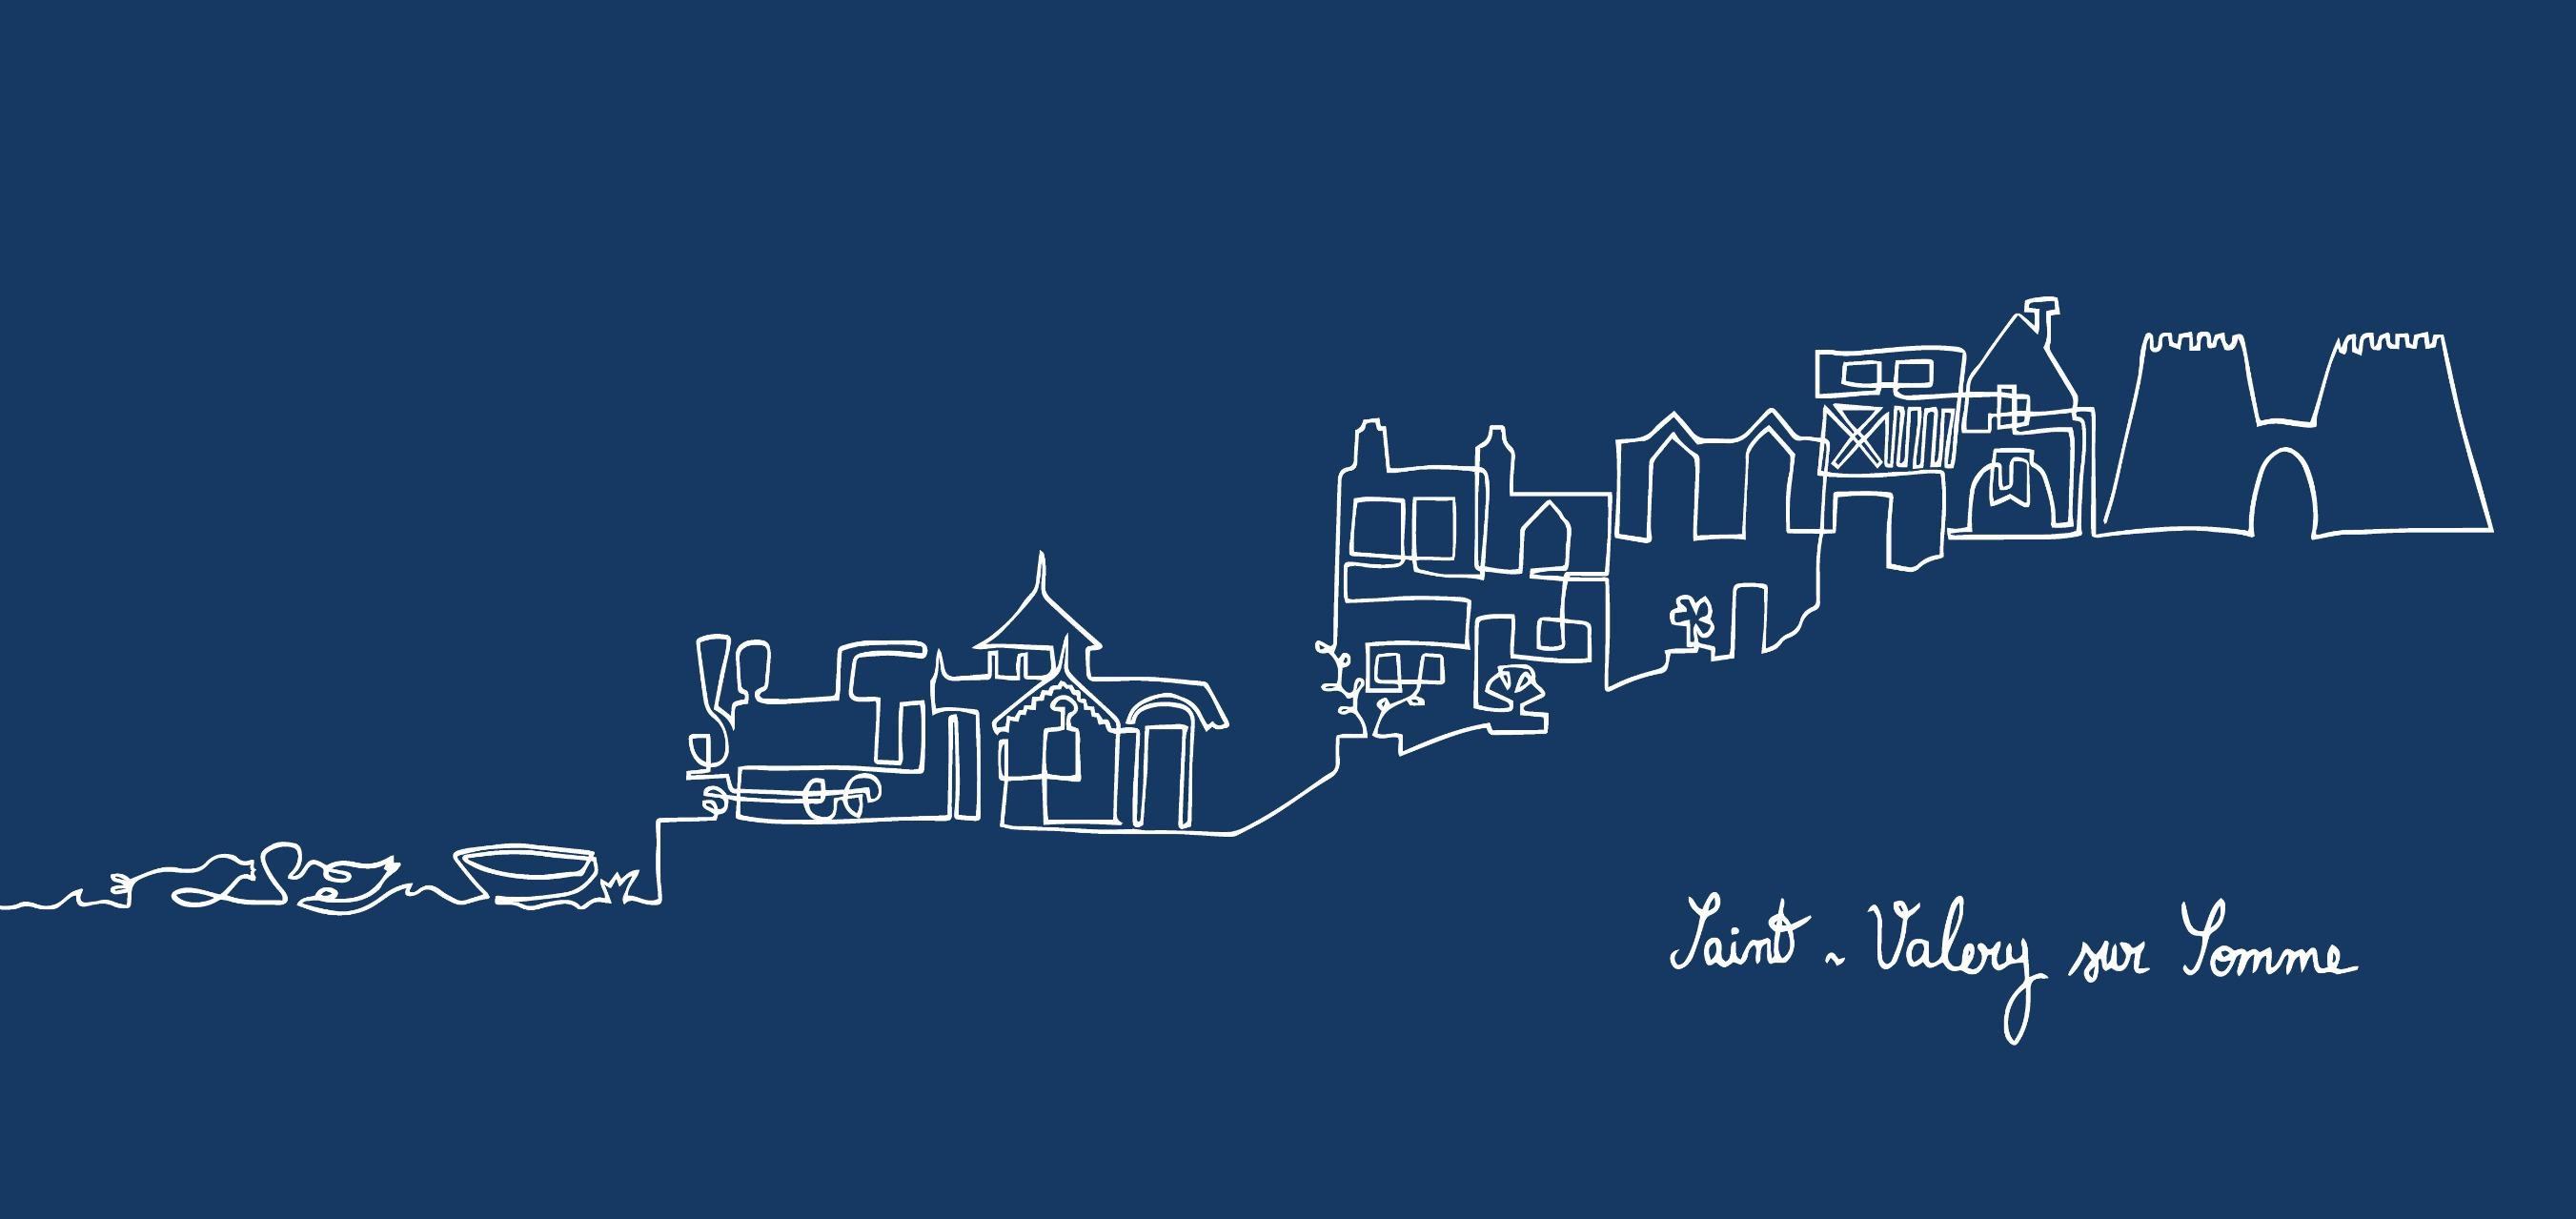 Bleu - Saint-Valery-Sur-Somme